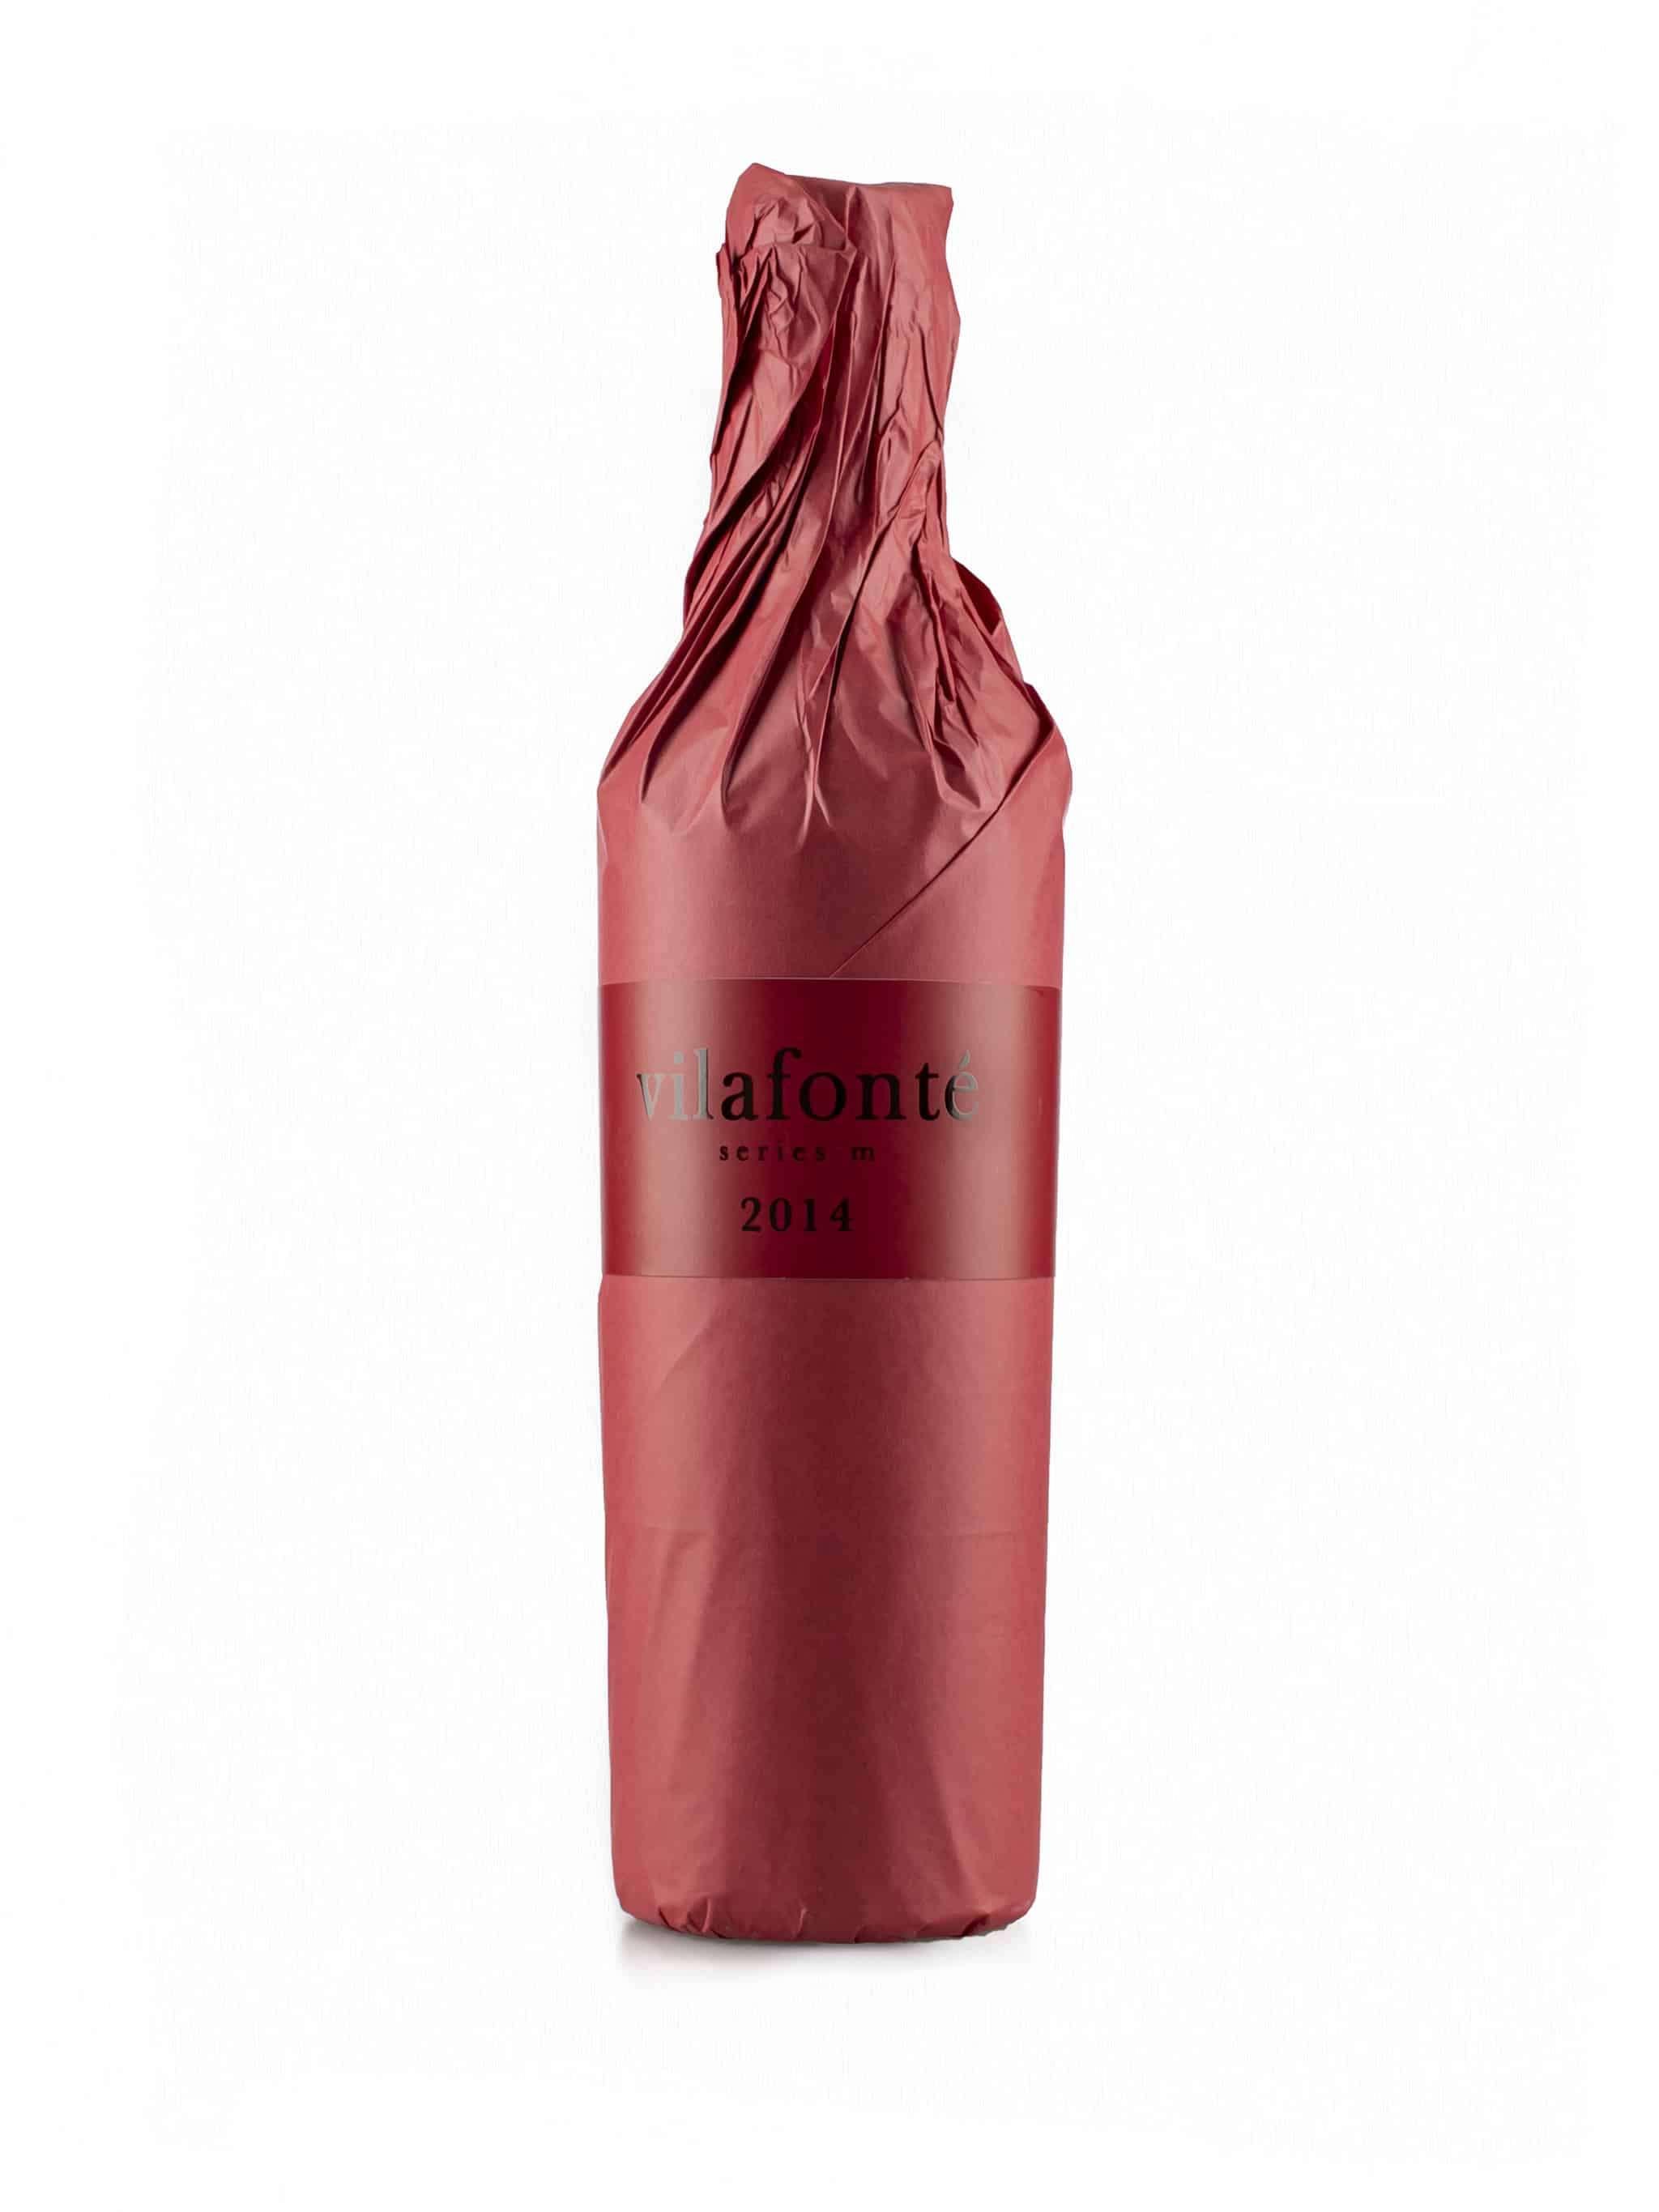 Zuid-Afrikaanse rode wijn van wijndomein Vilafonté: Series 'M' (met verpakking)